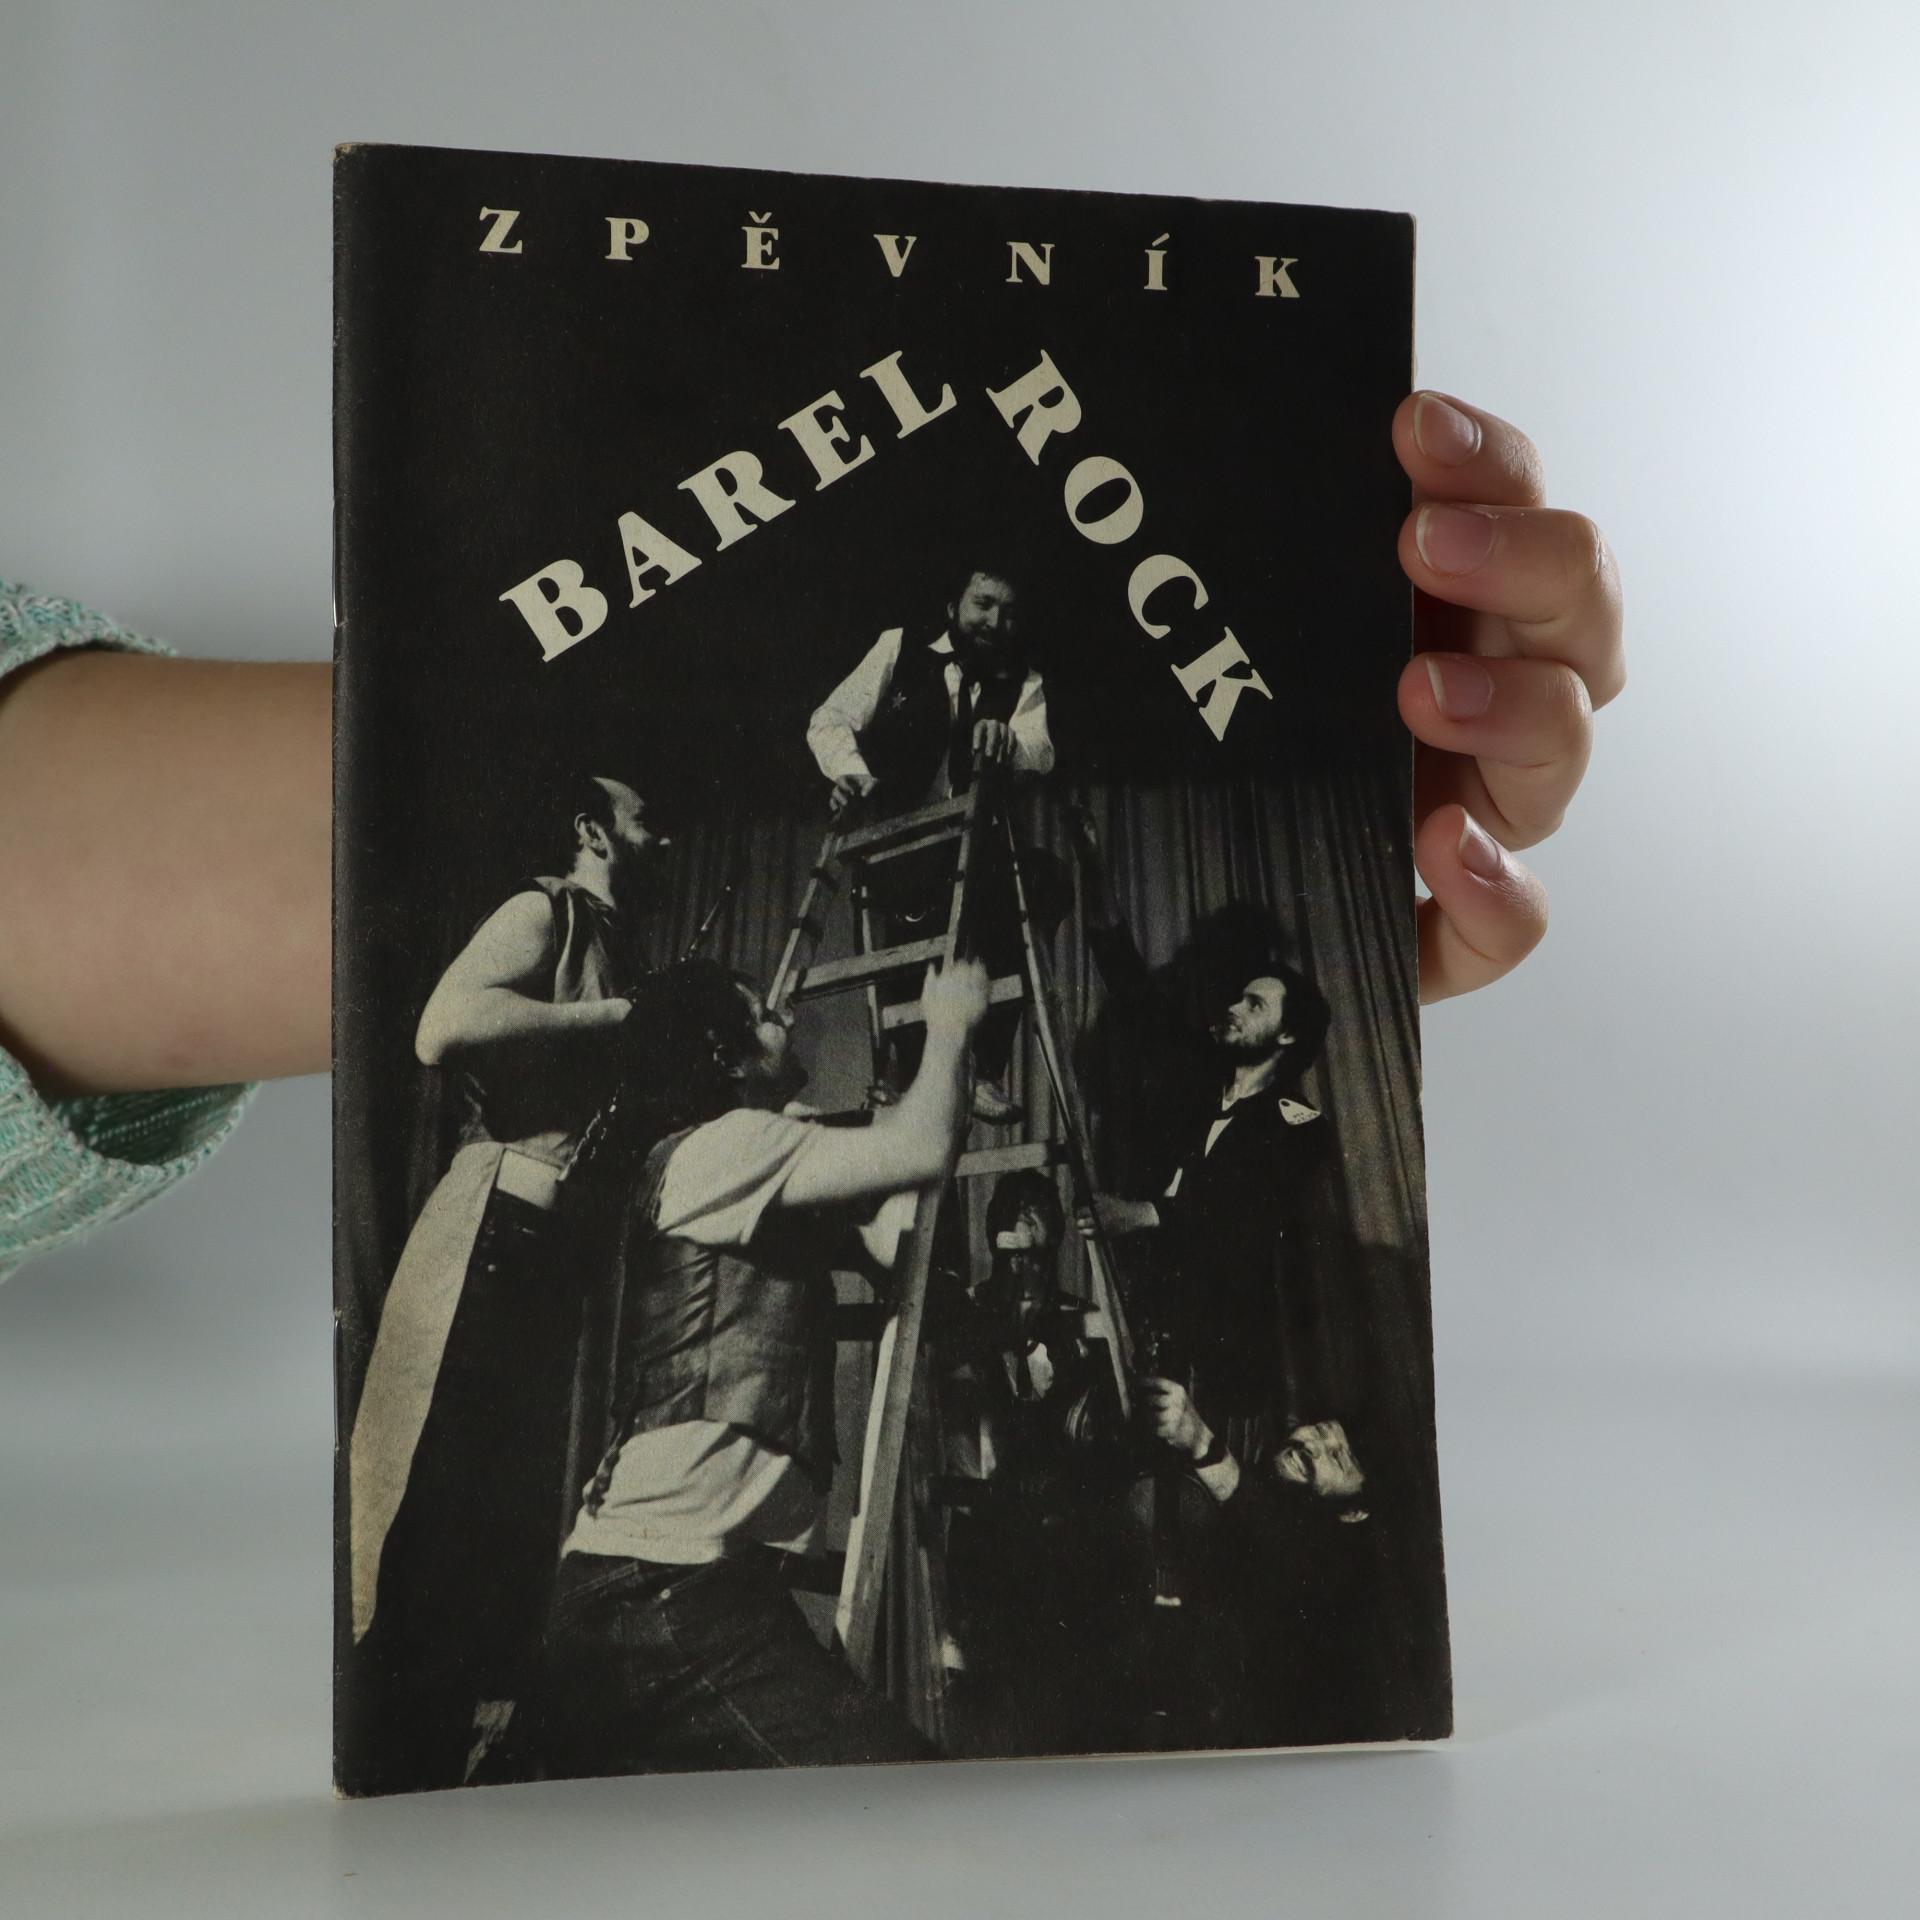 antikvární kniha Zpěvník Barel Rock, neuveden